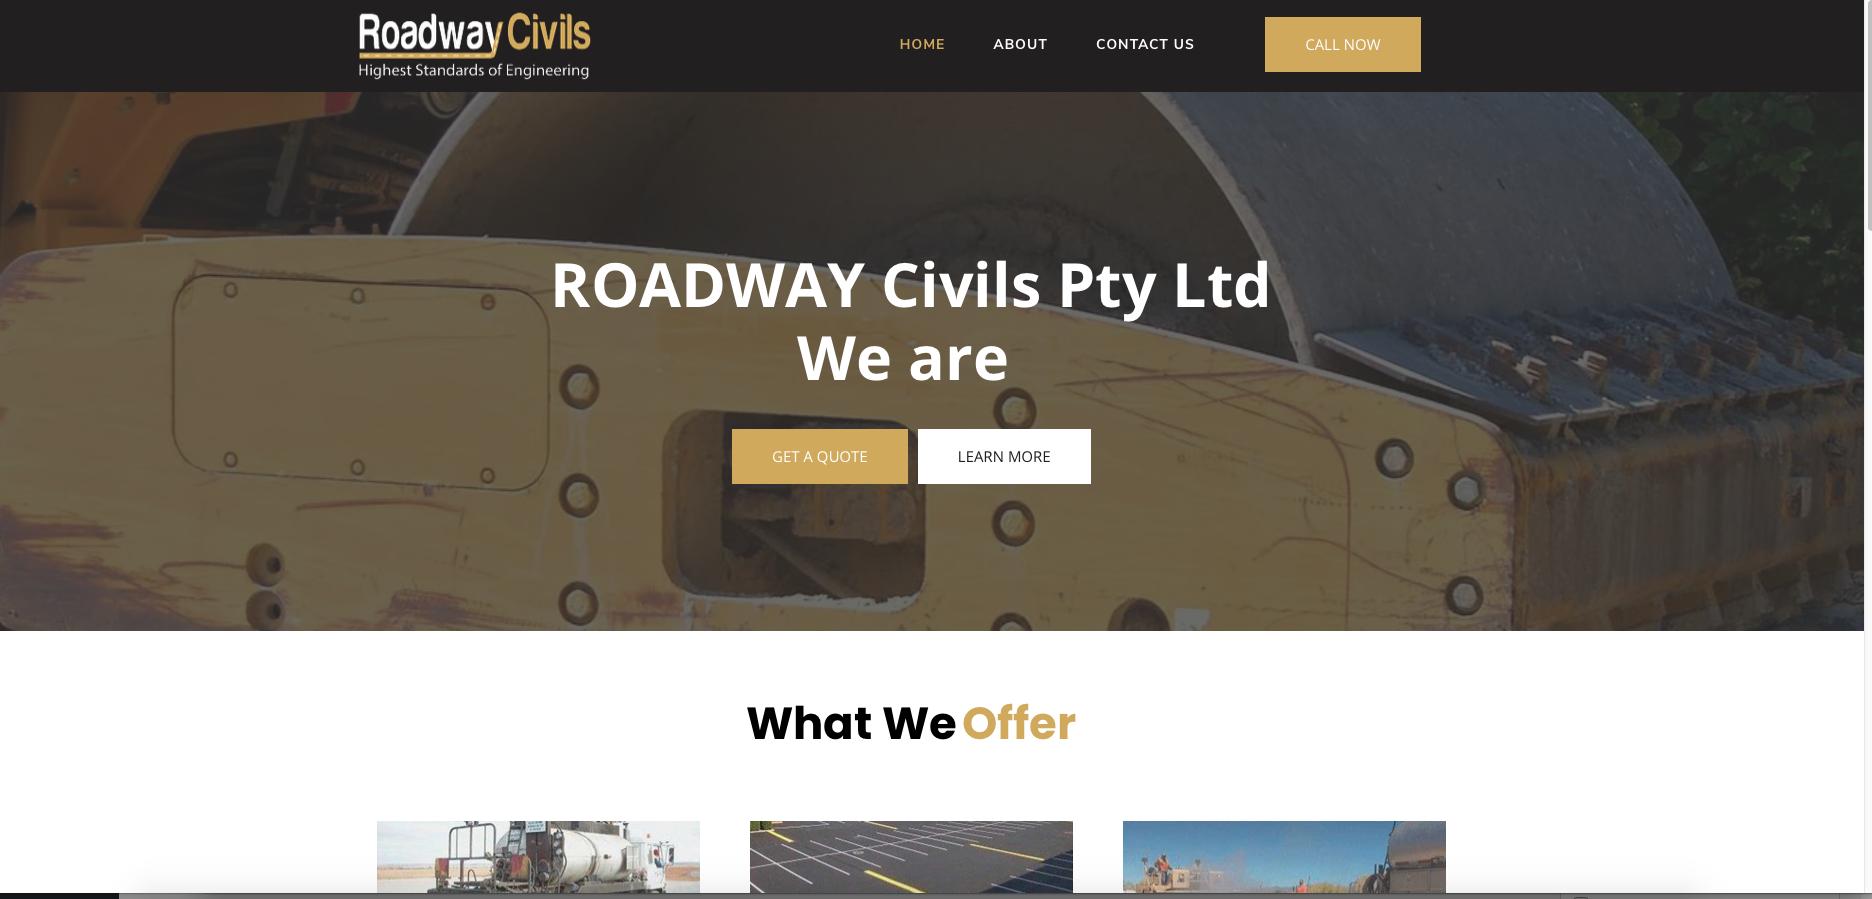 website sample work - Roadway Civils, highest standard of engineering